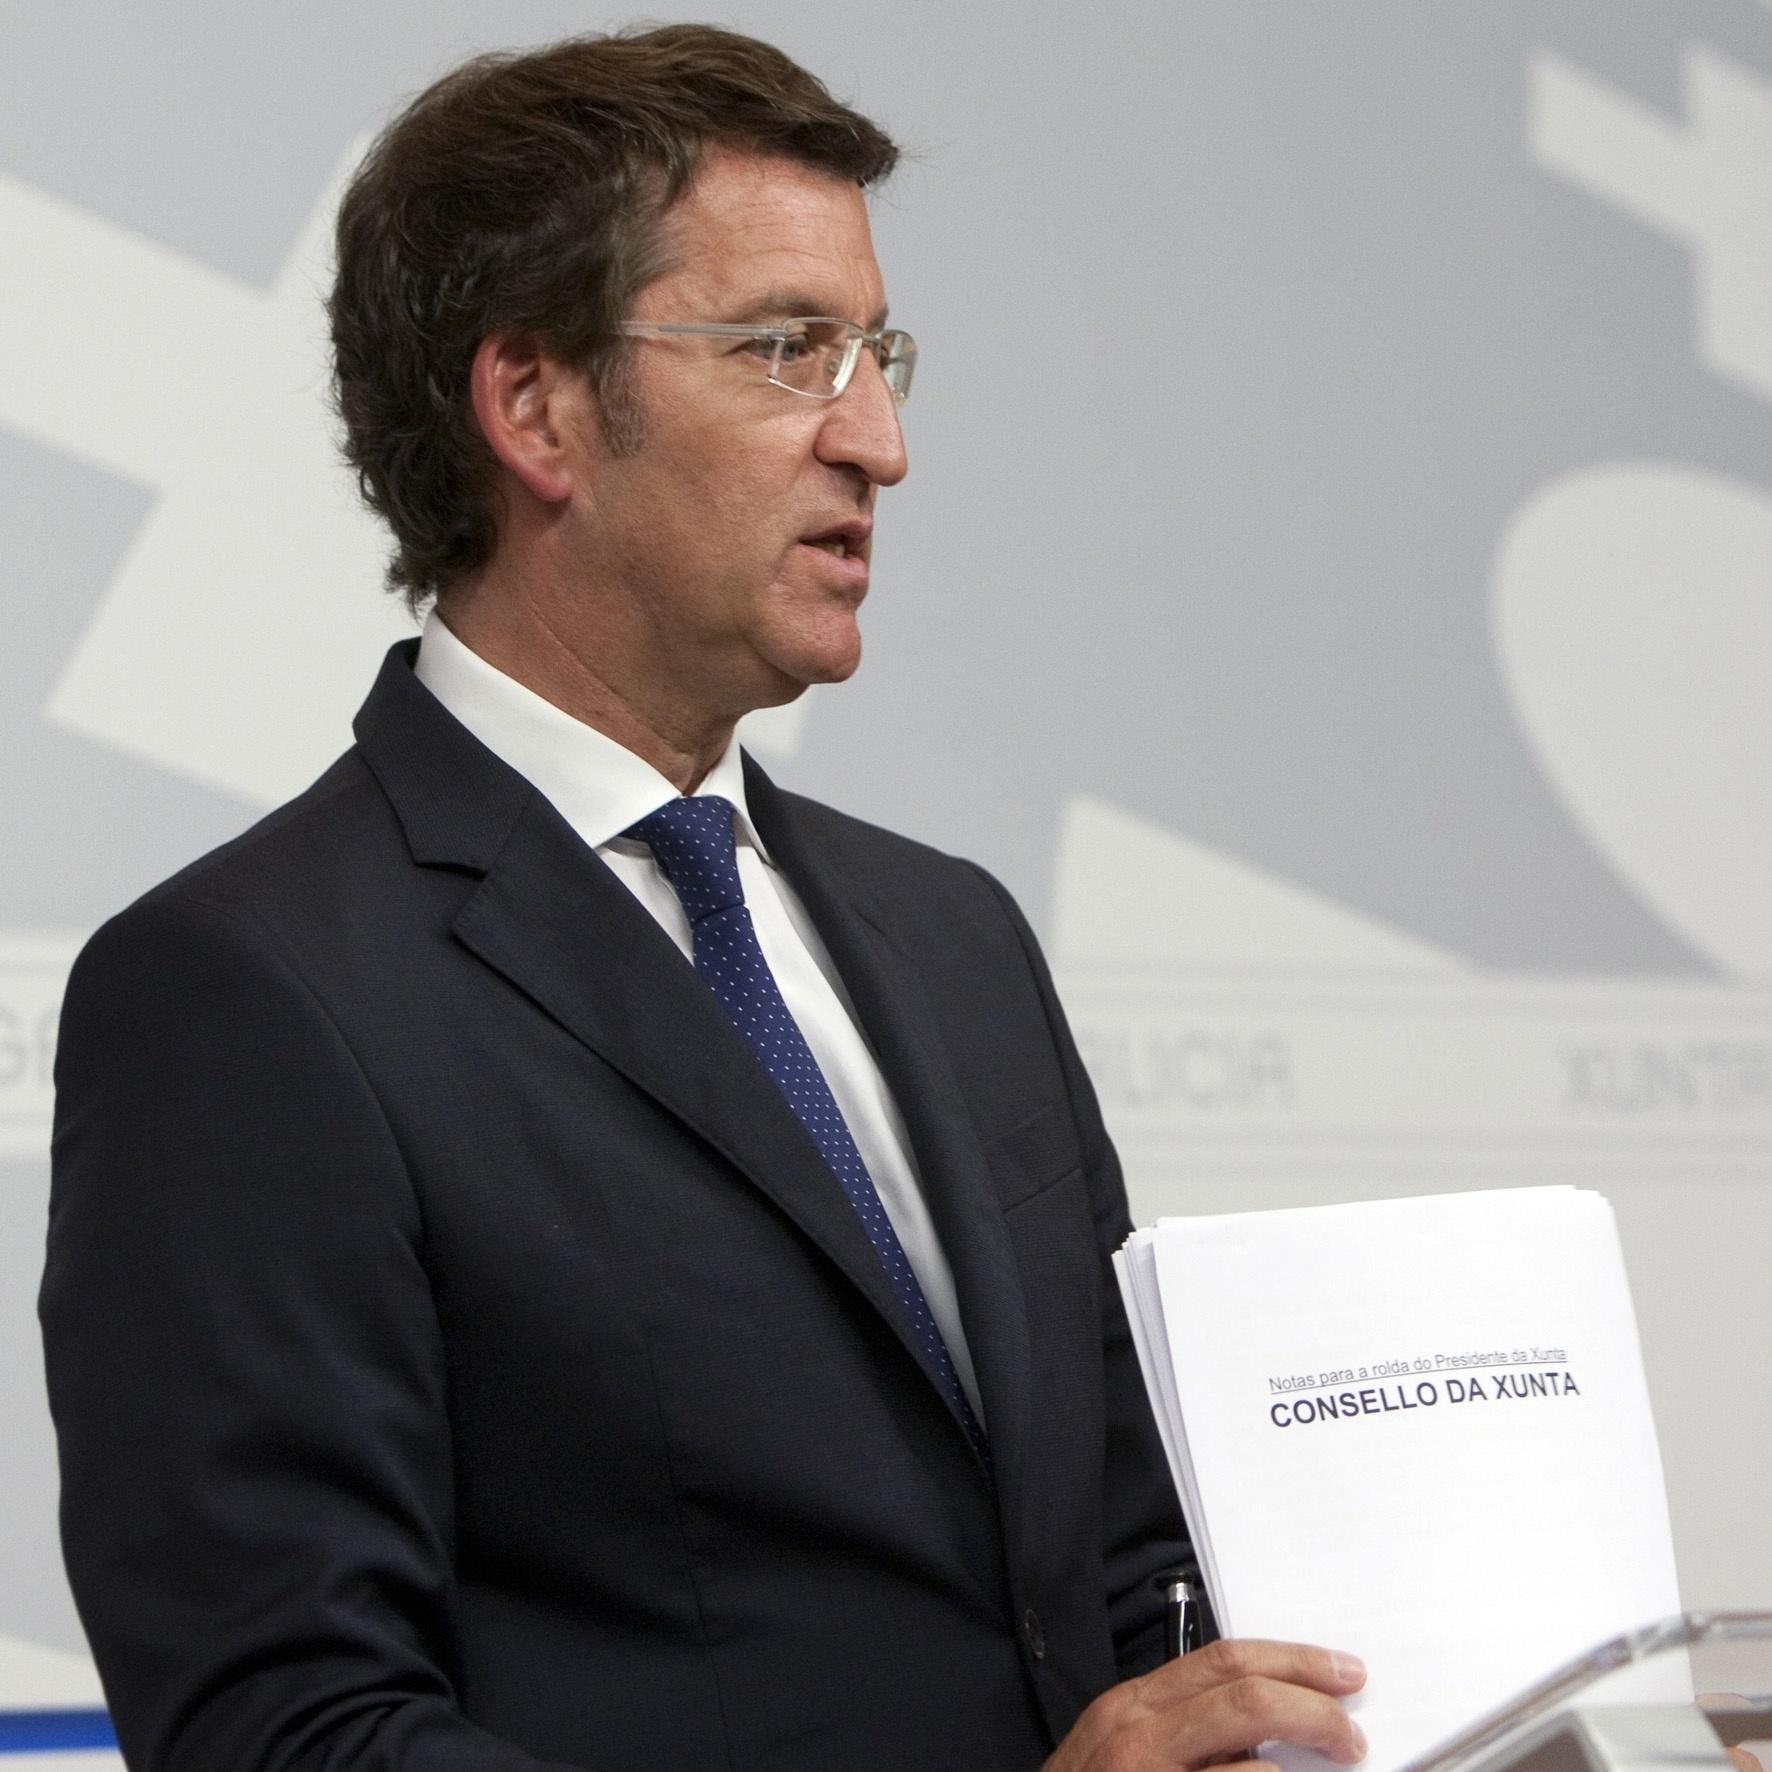 Feijóo se reunirá el 2 de octubre con los expresidentes gallegos para «aprovechar su experiencia» a favor de Galicia